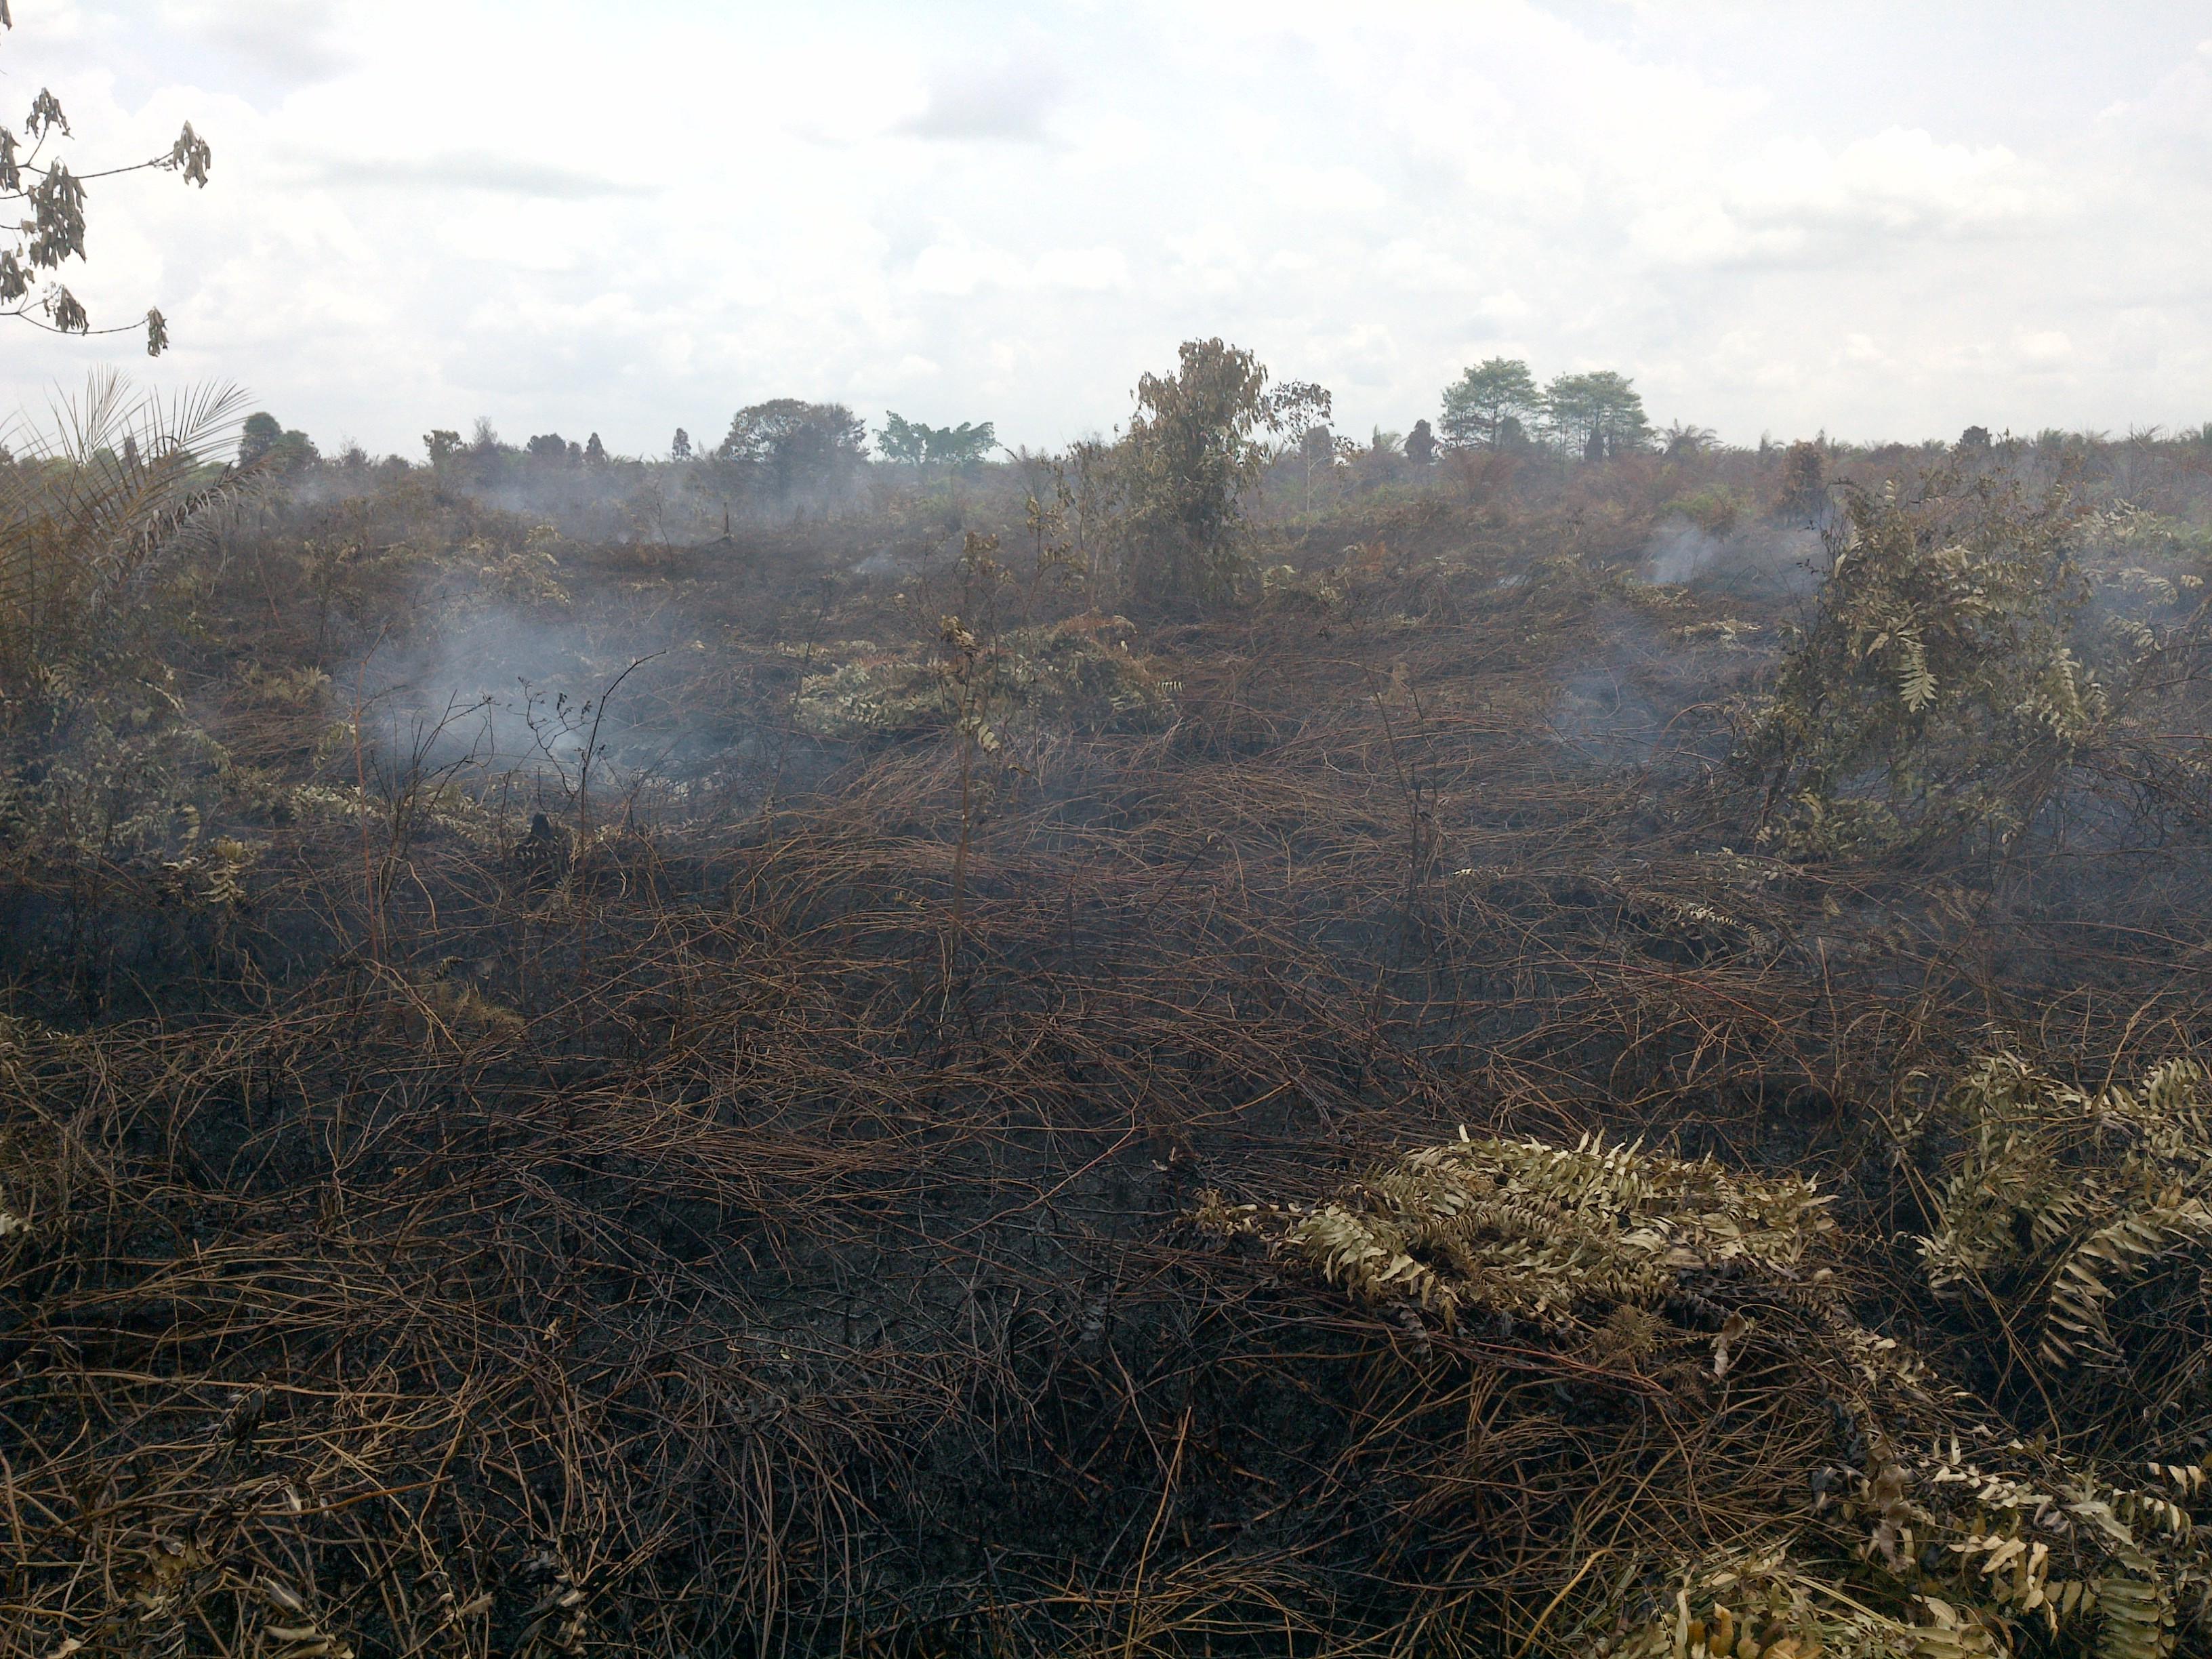 Kebakaran hutan dan lahan di eks konsesi PT Rimba Rokan Perkasa pada tutupan lahan semak  belukar dan tanaman sawit. ©Eyes on the Forest, 2021